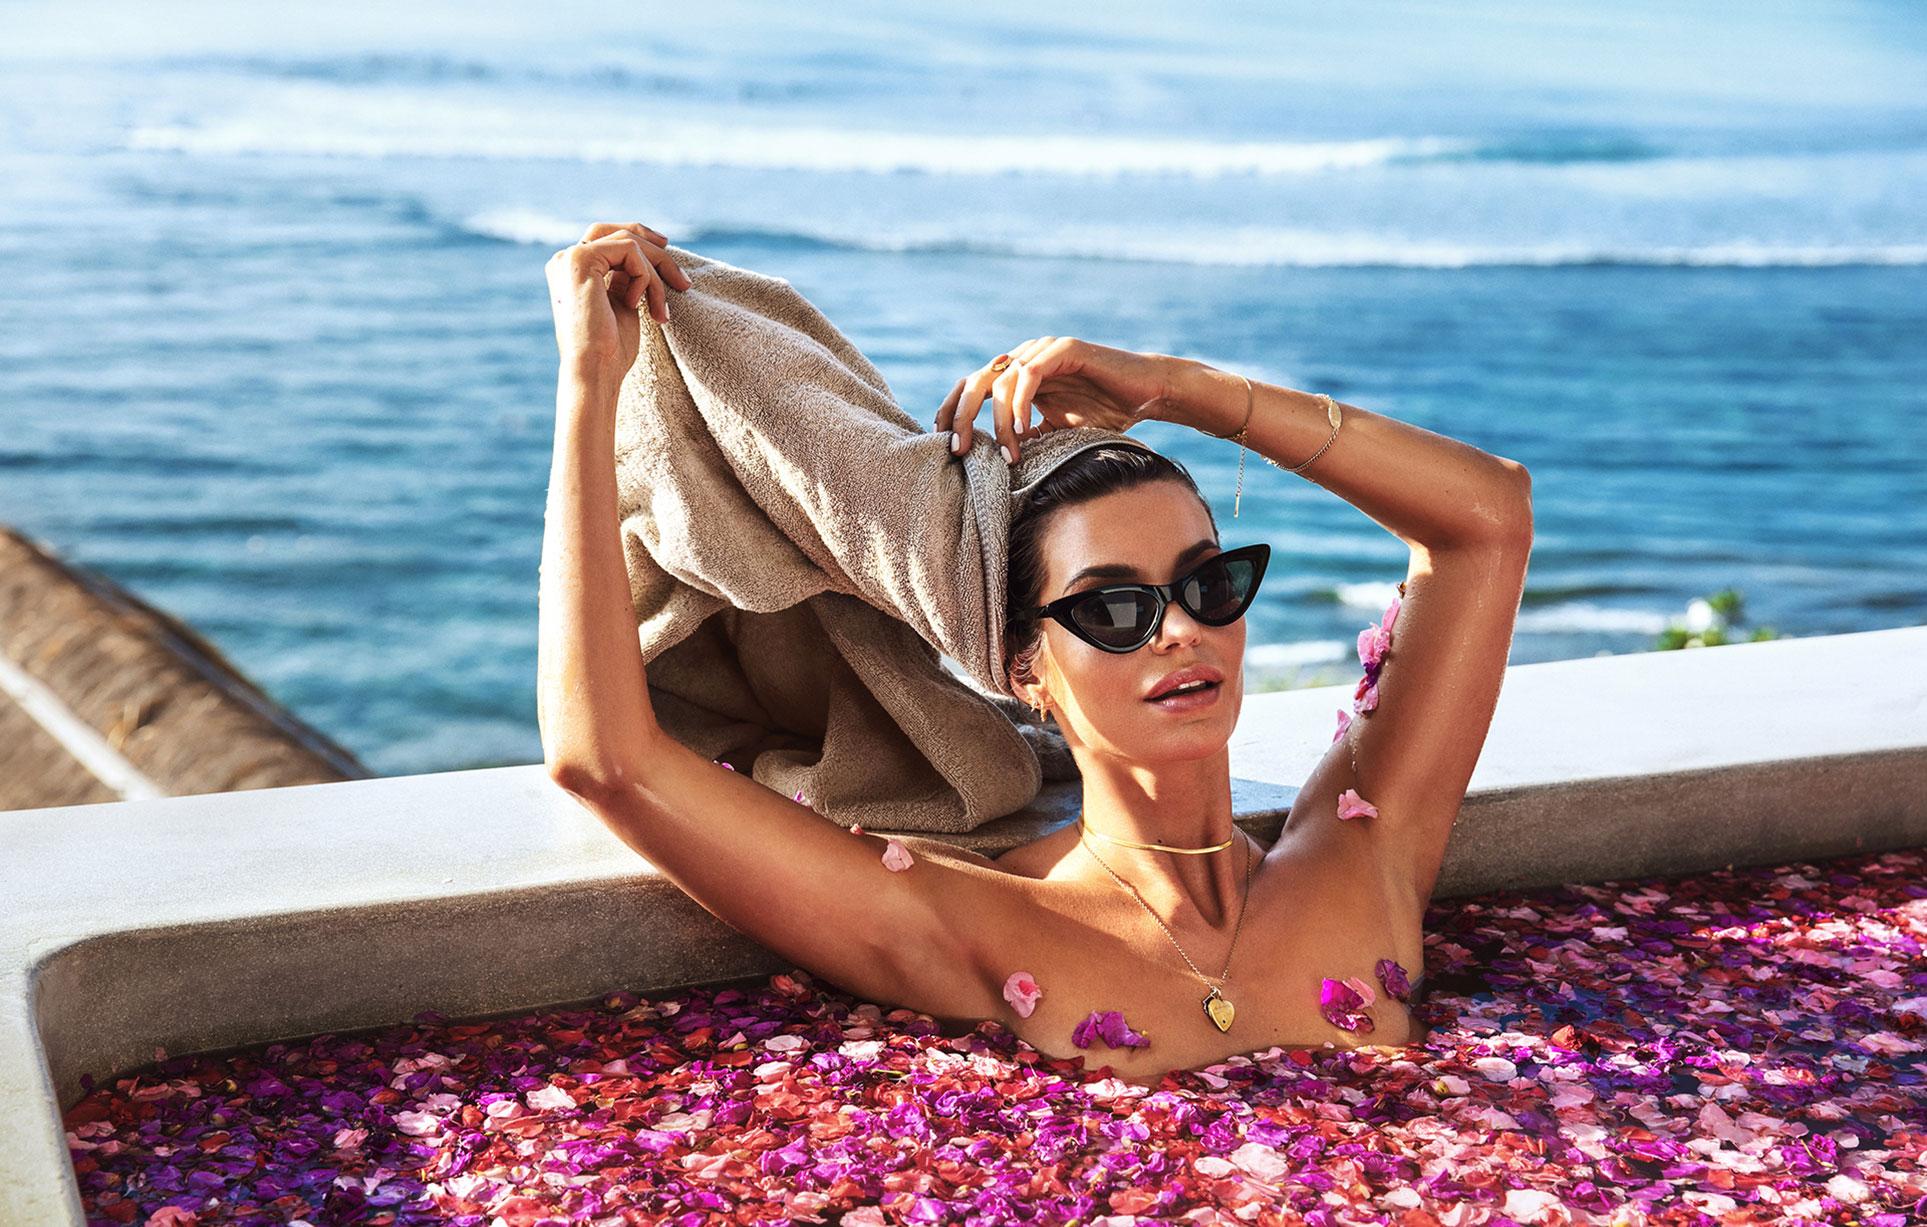 Сексуальная голая девушка в бассейне, заполненном лепестками роз в отеле с шикарным видом на острове Бали / фото 03